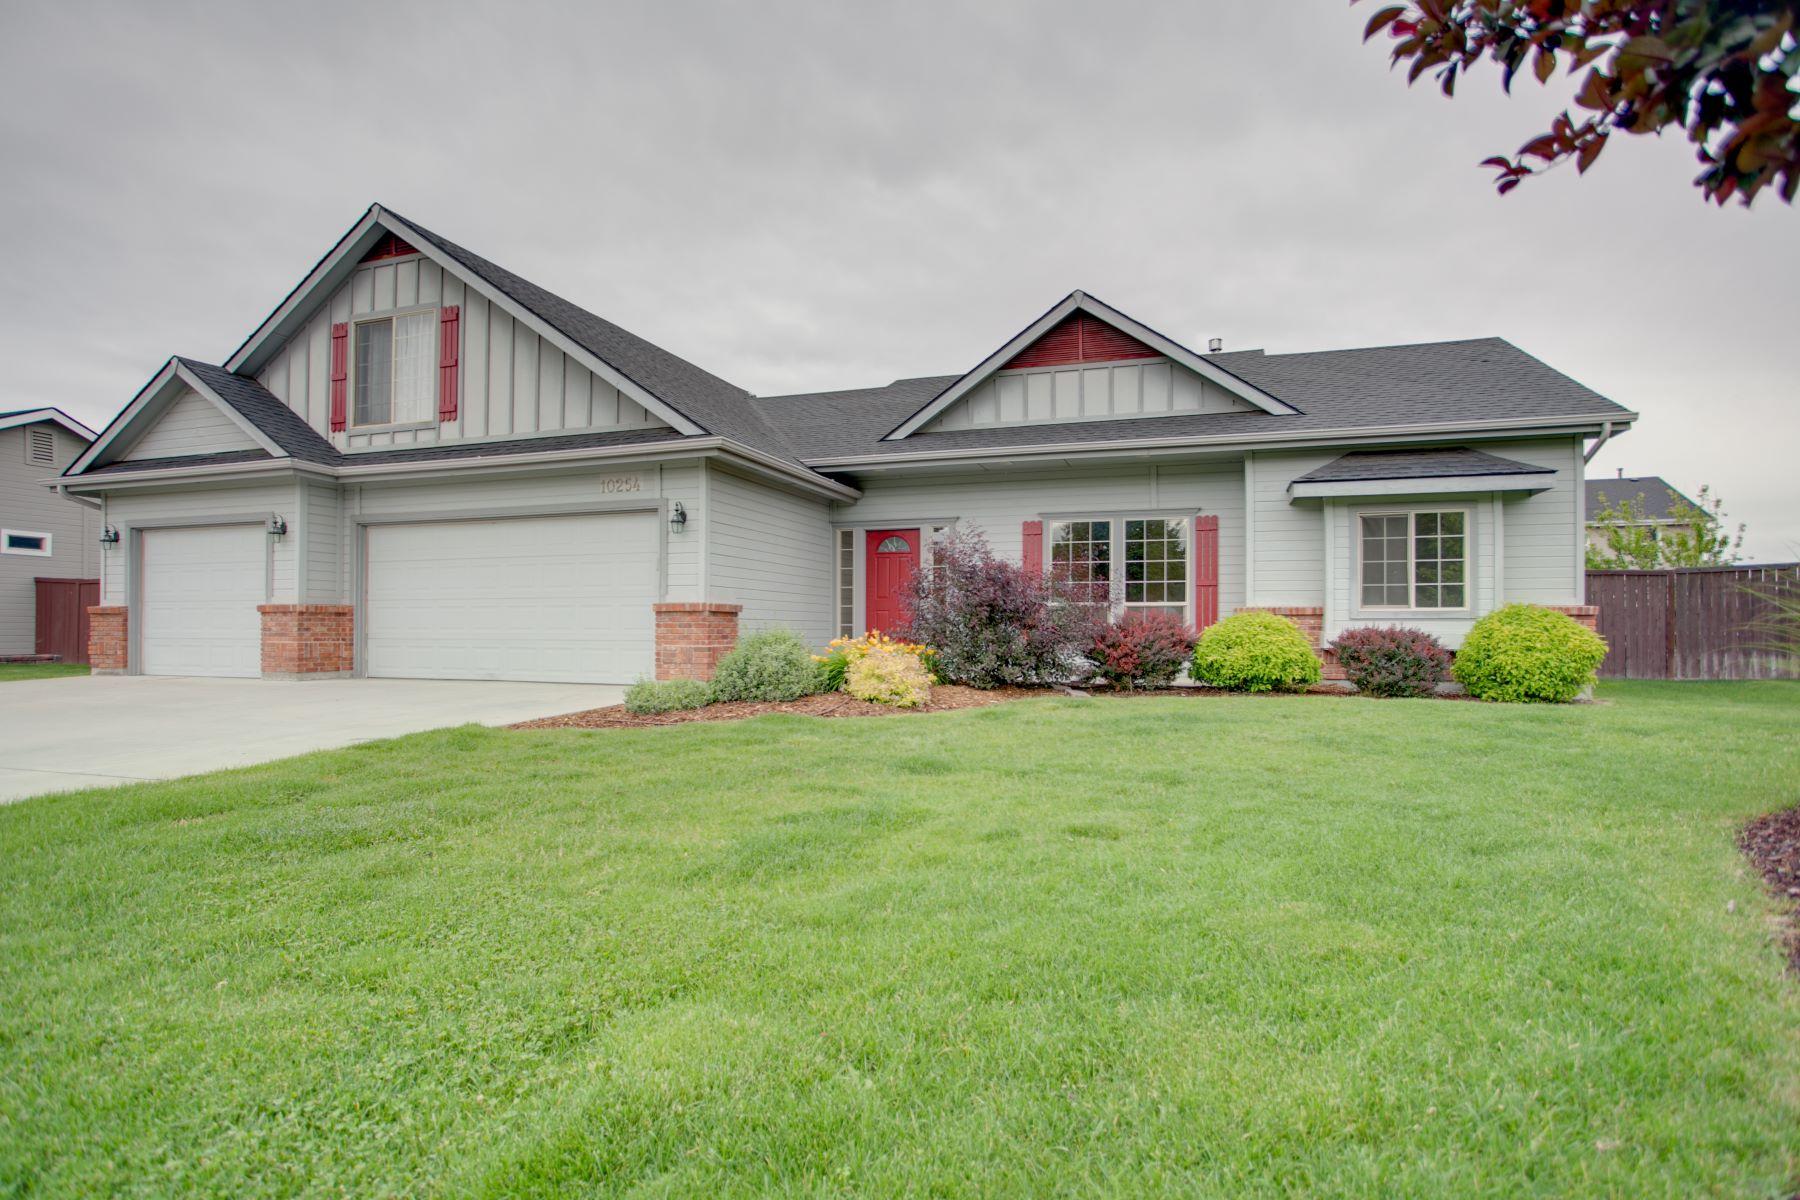 Einfamilienhaus für Verkauf beim 10254 Altair Drive, Star 10254 W Altair Dr Star, Idaho, 83669 Vereinigte Staaten